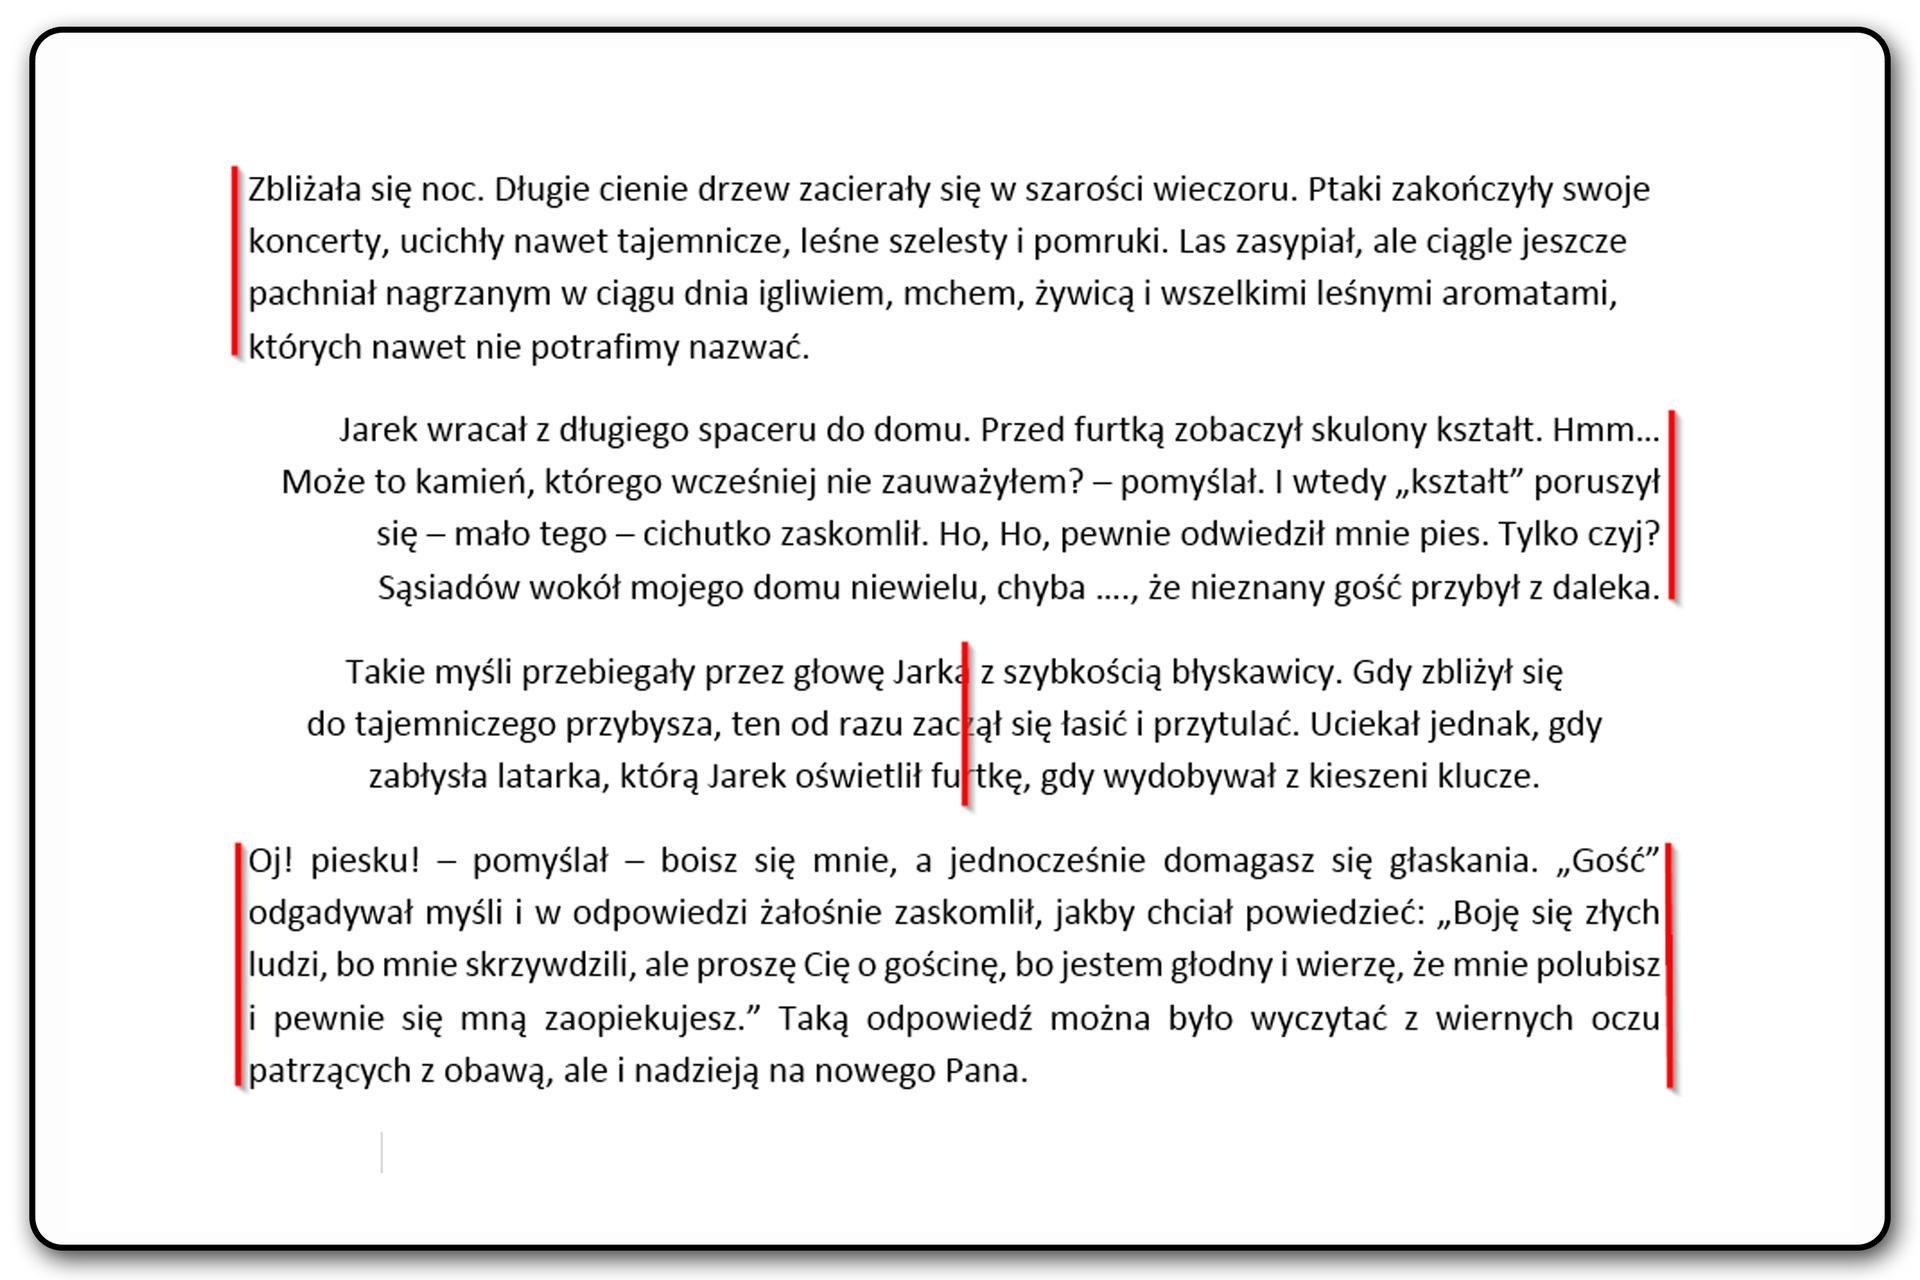 Slajd 2 galerii: Zastosowanie poszczególnych narzędzi wyrównywania tekstuwyrównywania tekst